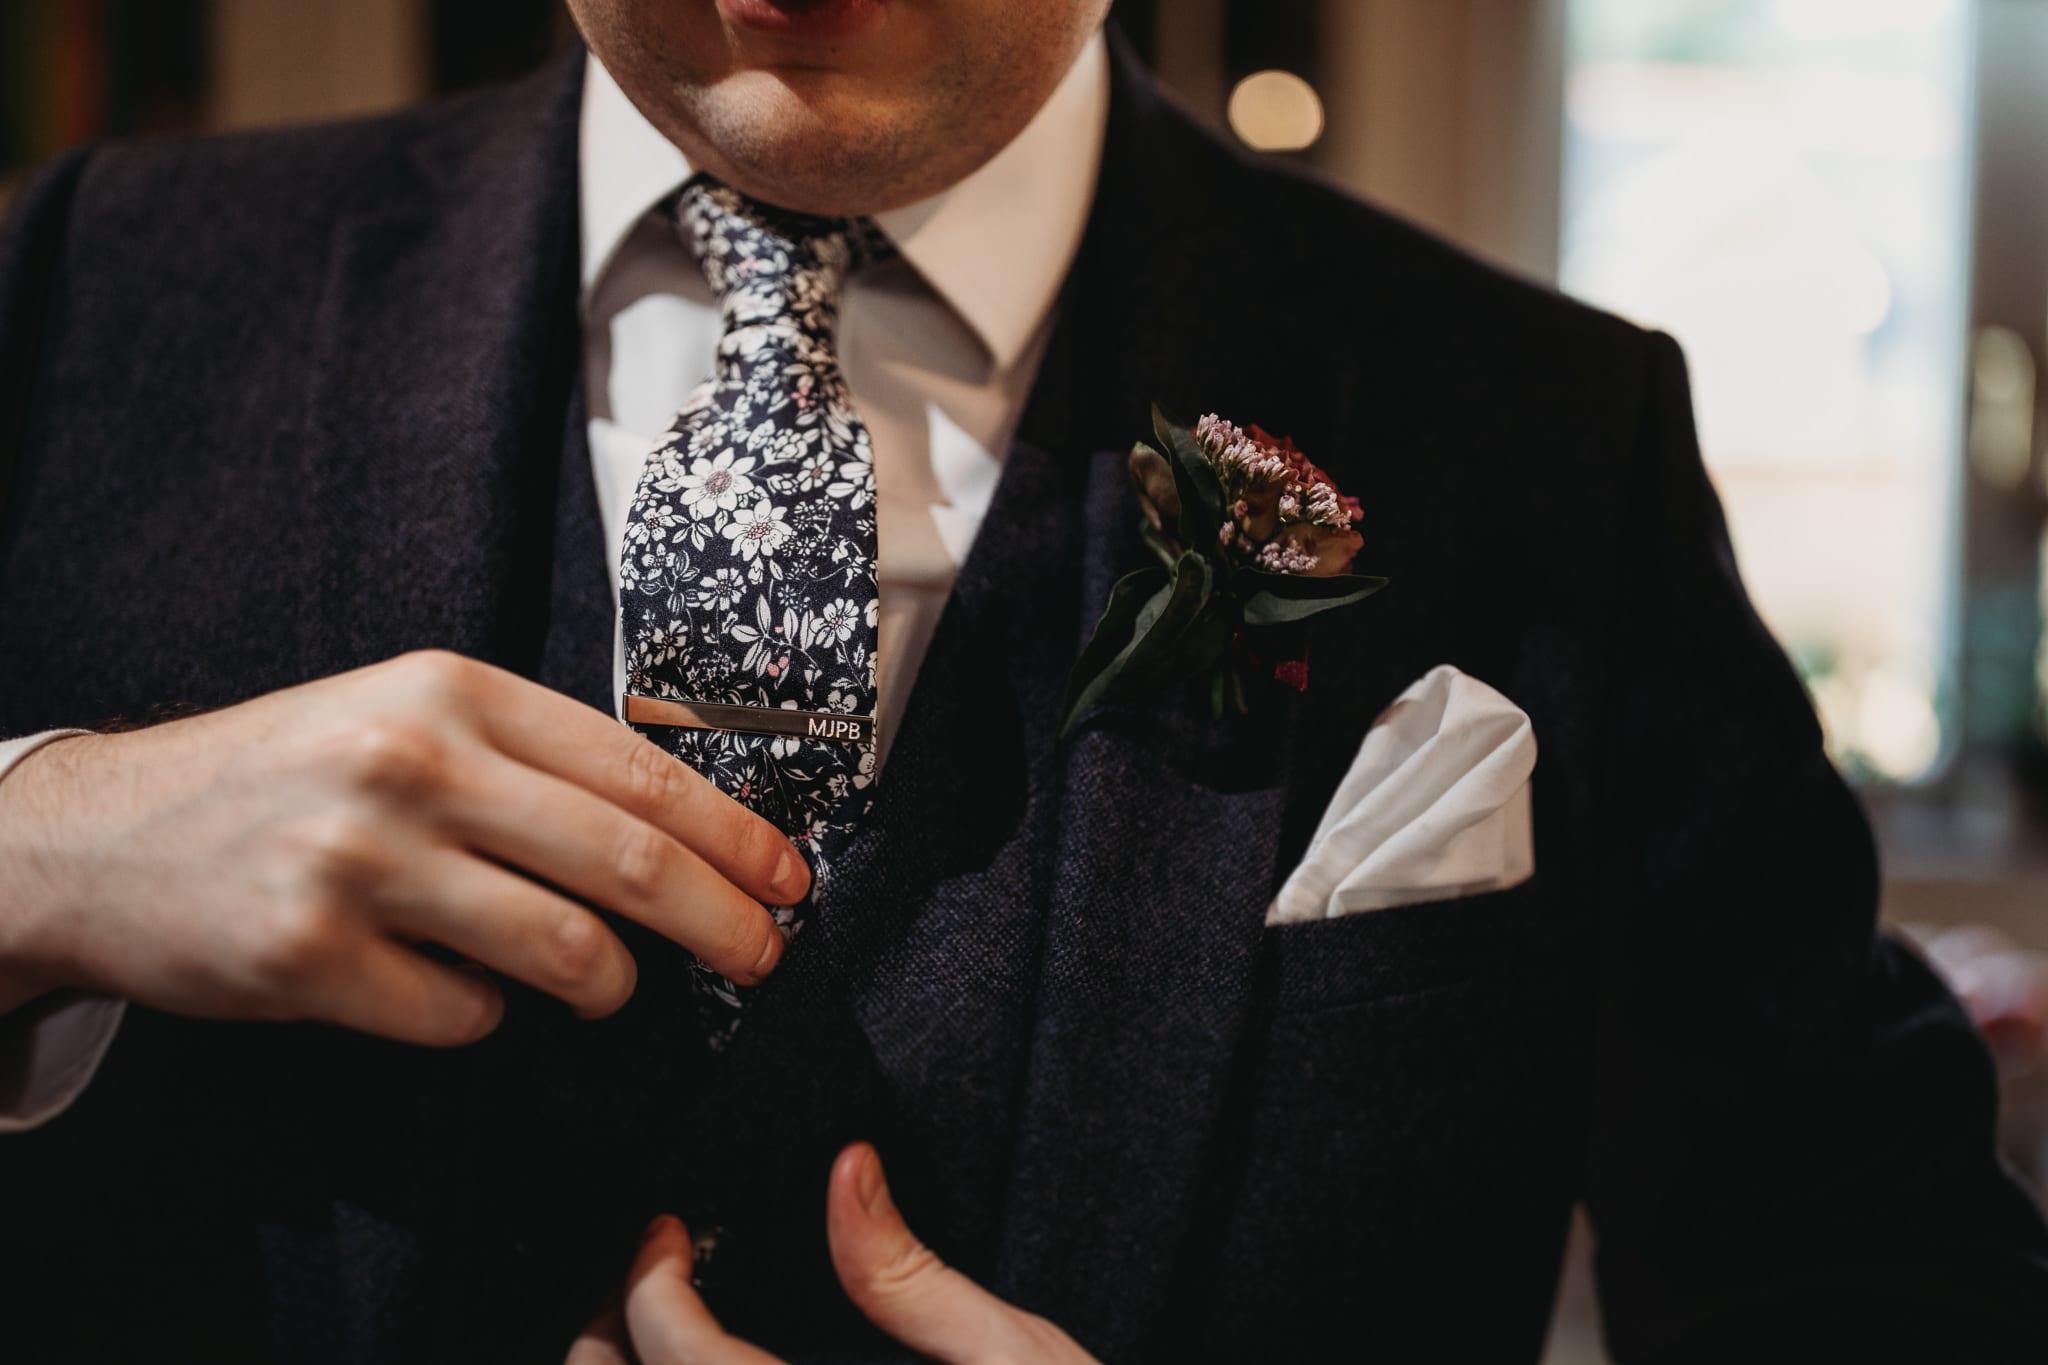 closeup of suit, tie, buttoniere details